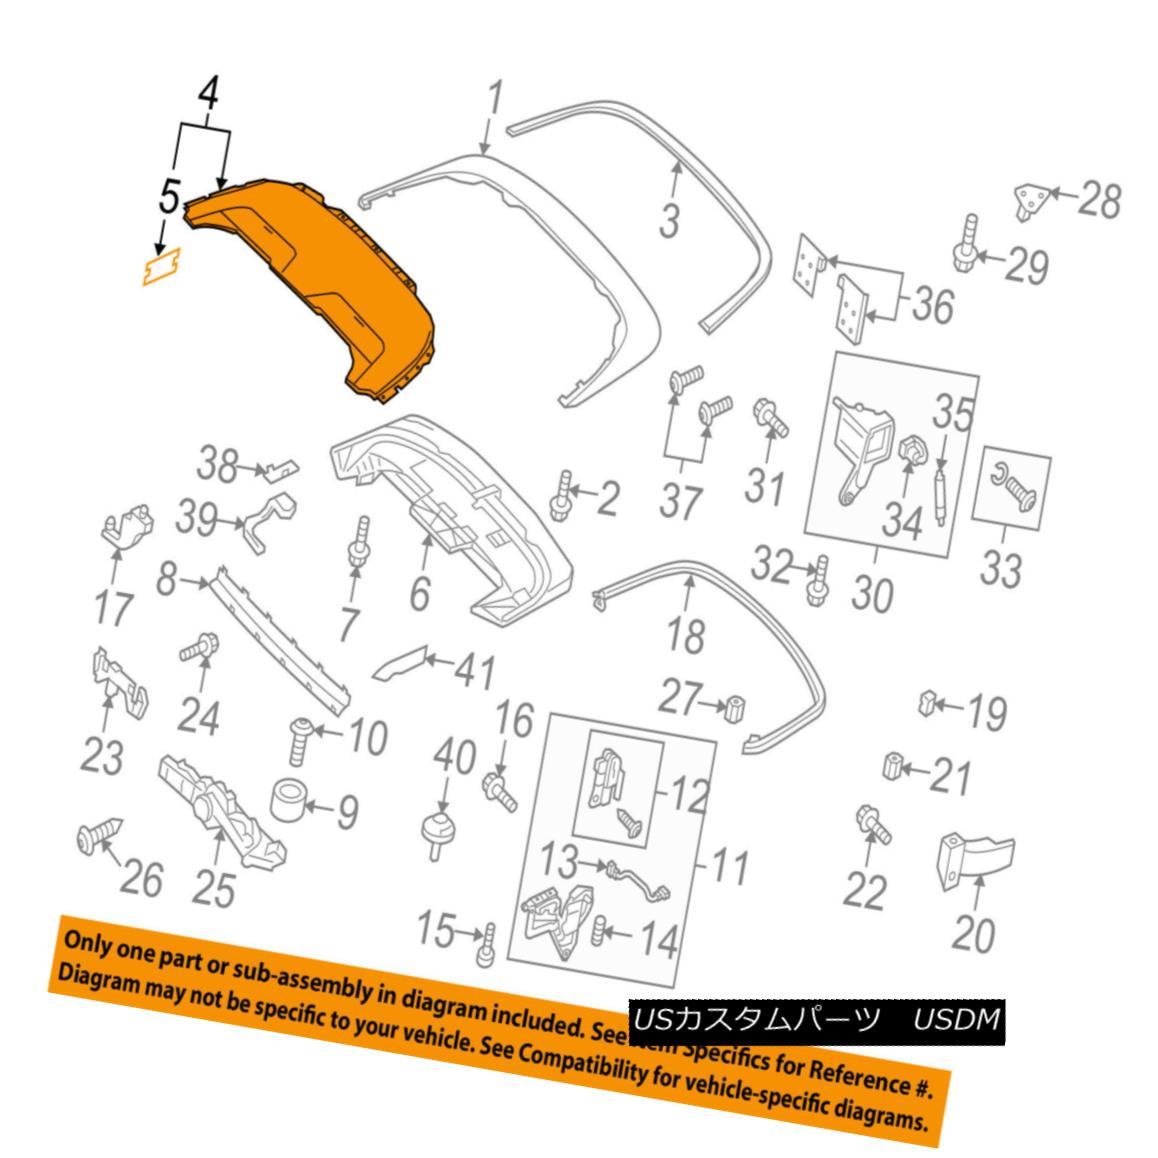 幌・ソフトトップ AUDI OEM 10-12 S5 Storage Cover-Convertible/soft Top-Outer Cover 8F0871993B1FV AUDI OEM 10-12 S5ストレージカバー - コンバーター ble /ソフトトップアウターカバー8F0871993B1FV